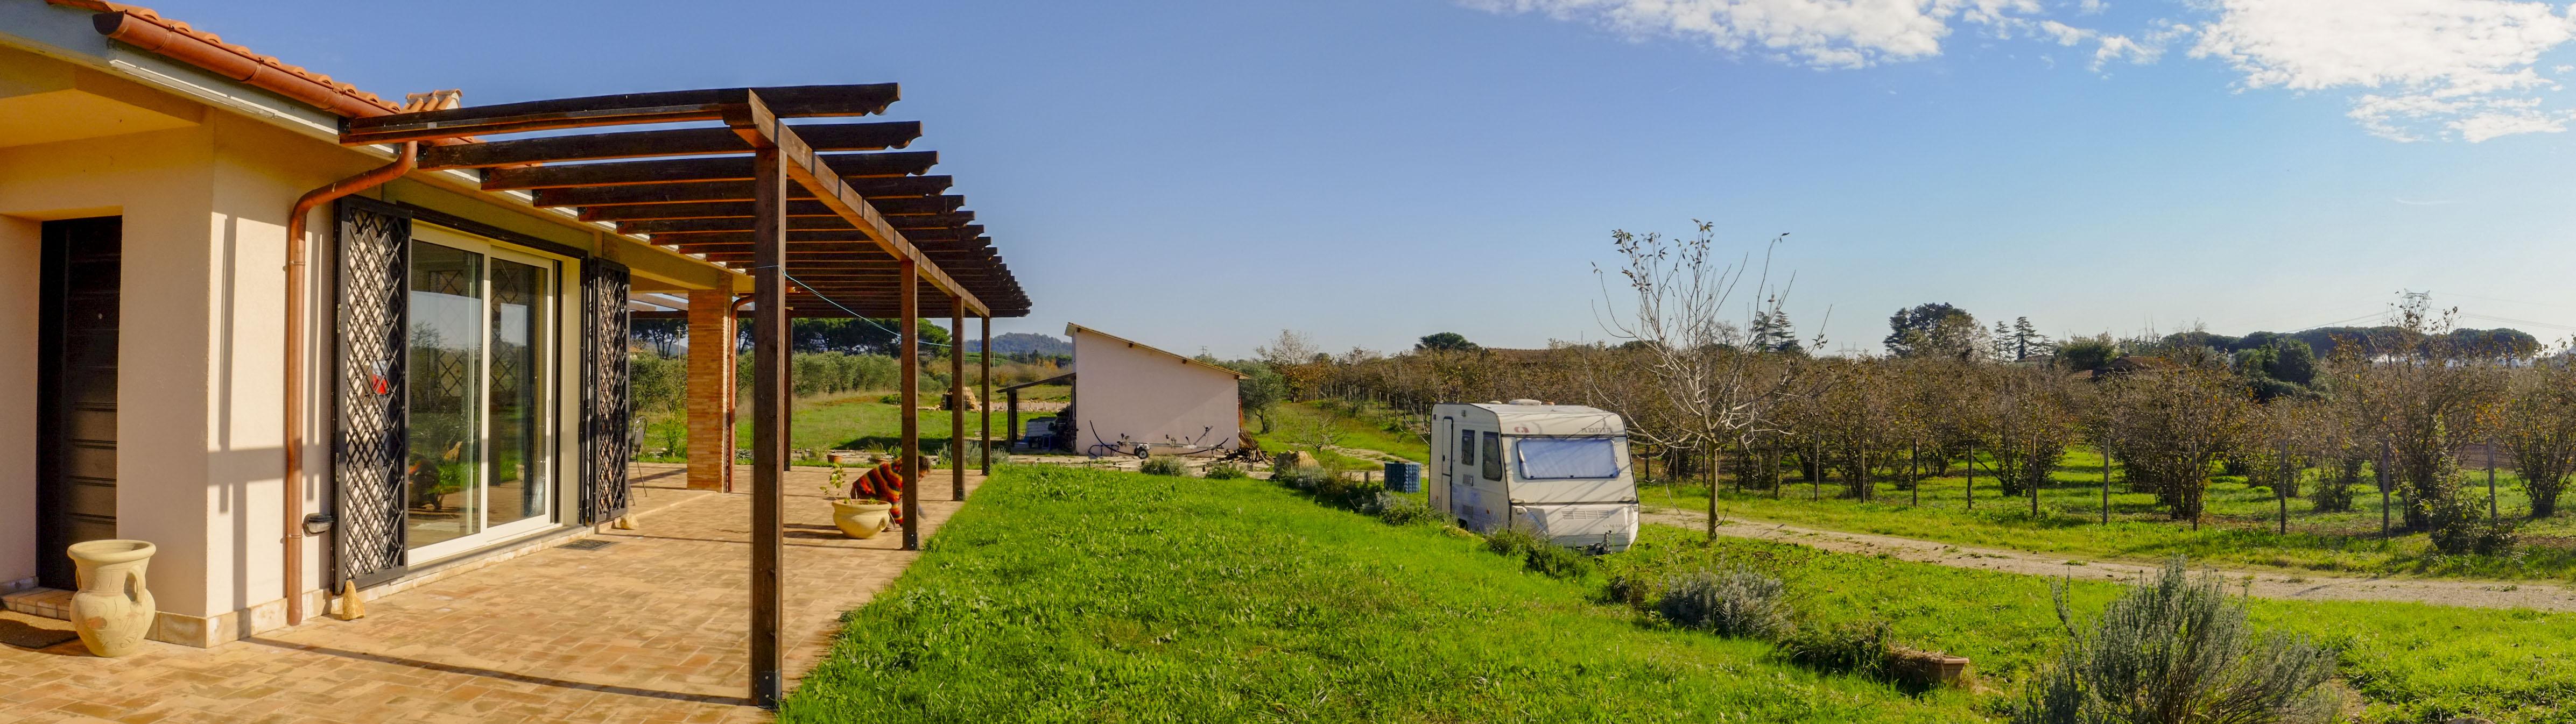 Panoramica dall'ingresso dell'azienda agricola biologica Il Giardino di Proserpina